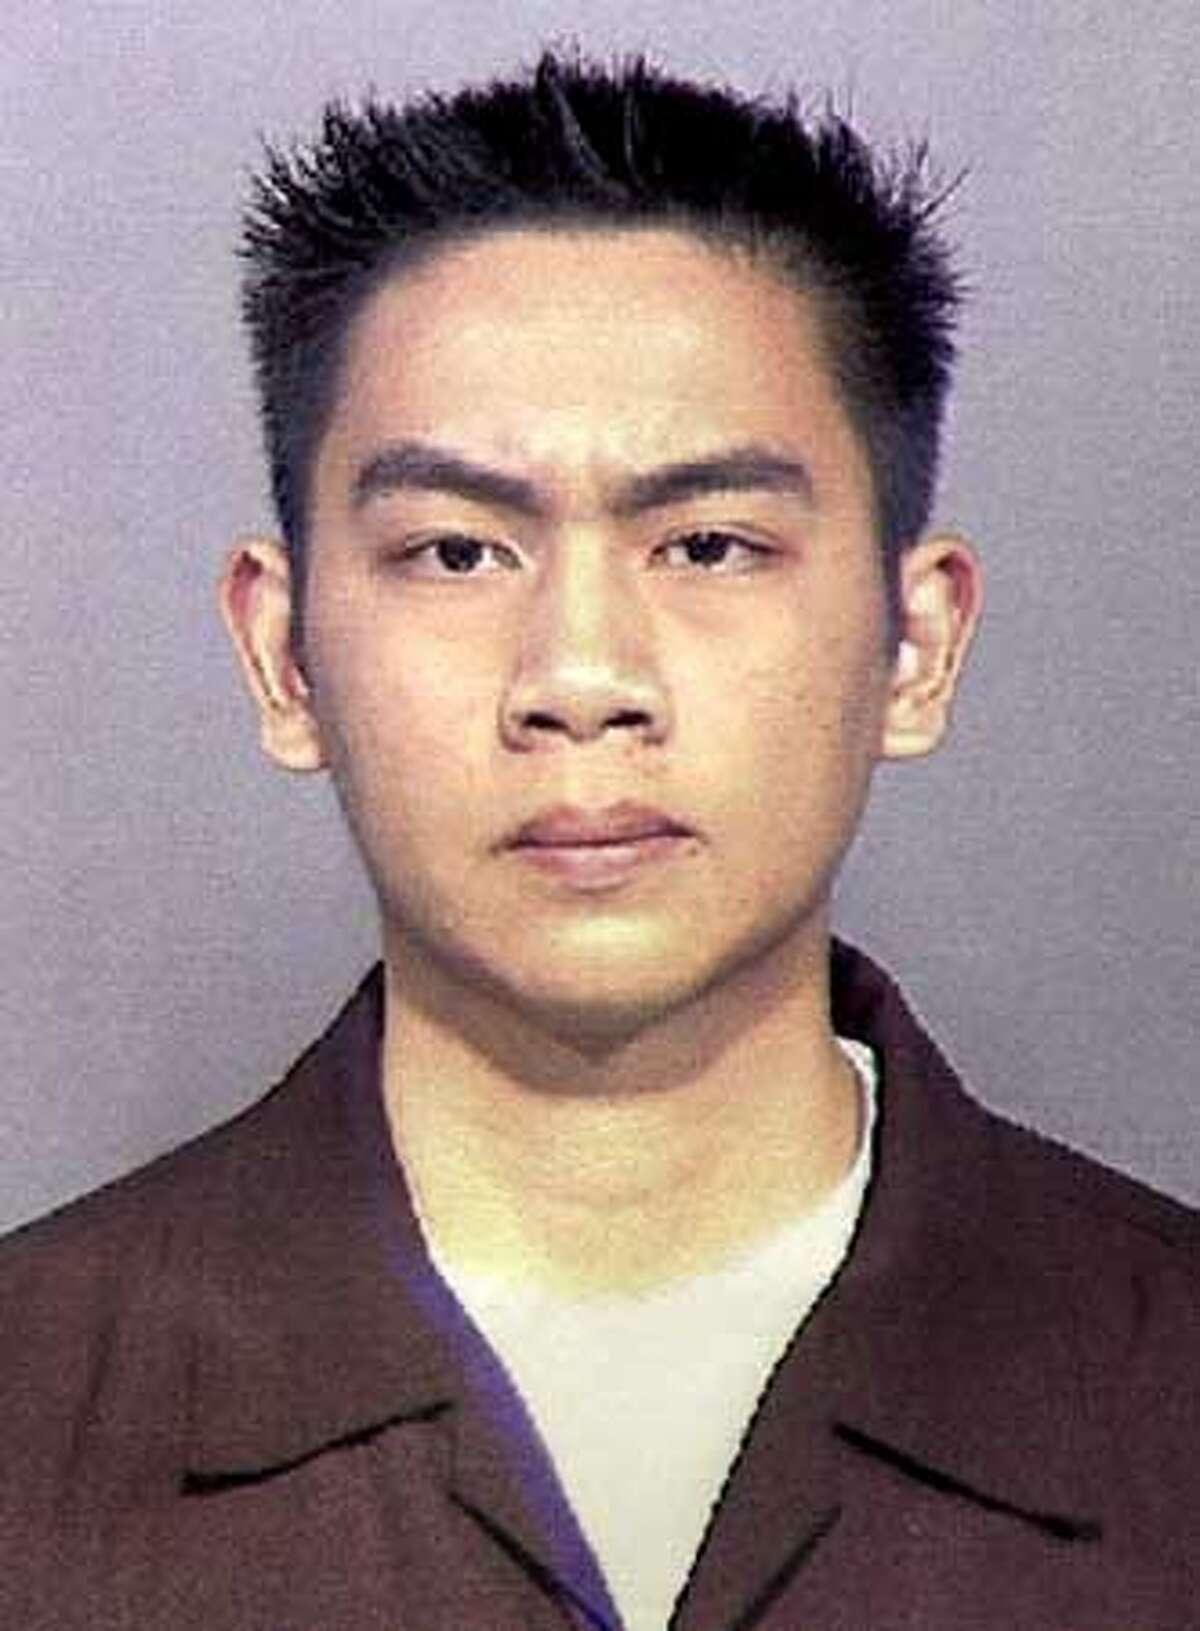 Al Joseph Deguzman is suspect in custody for planning to bomb DeAnza College in Cupertino. DOB: 10/23/81 San Jose Police HO.